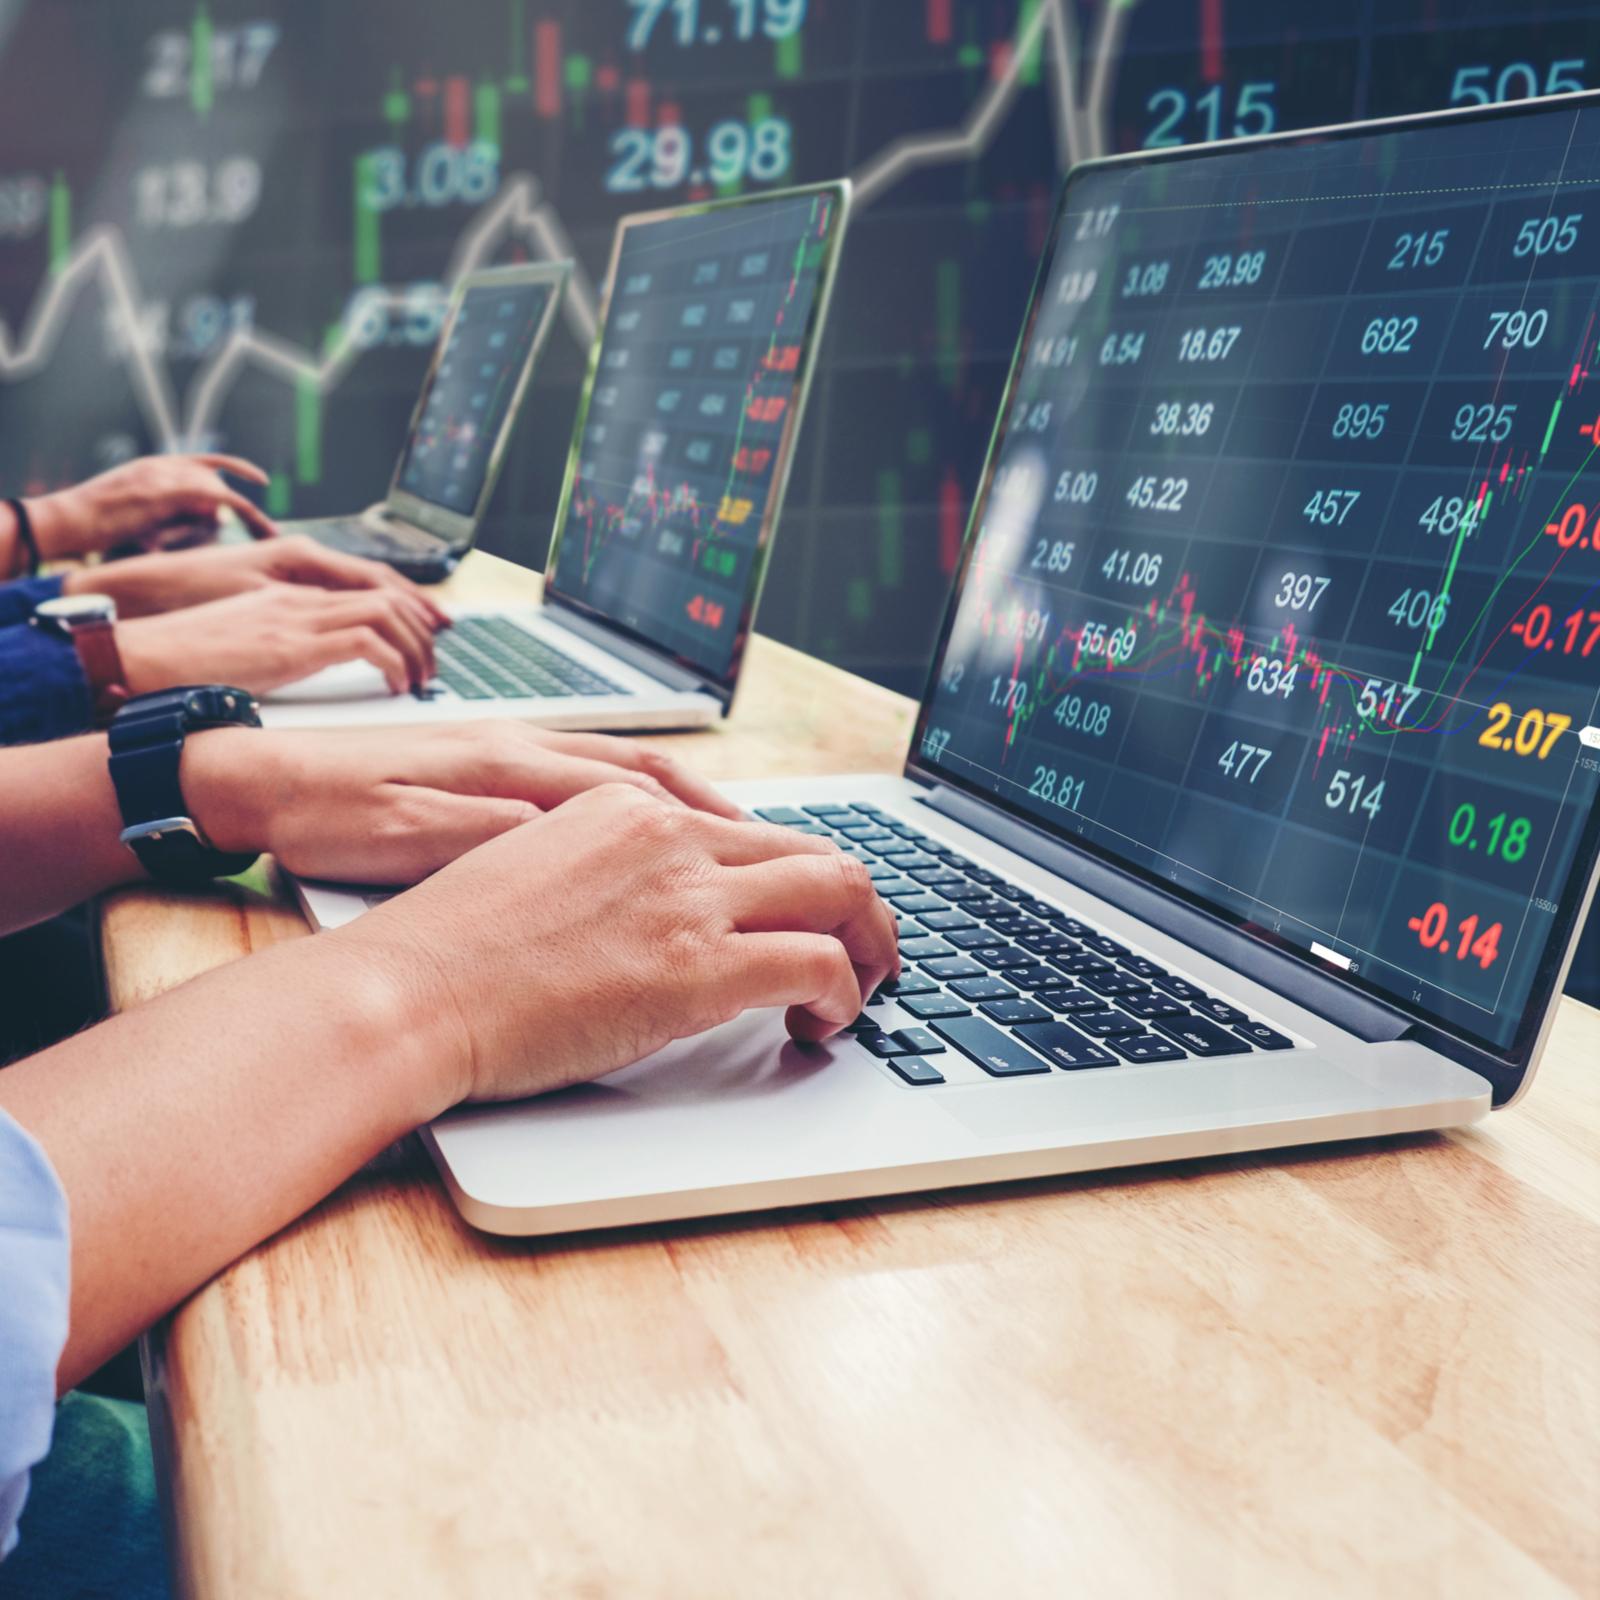 October Volume Report: Weakest Monthly Trade Activity of 2018